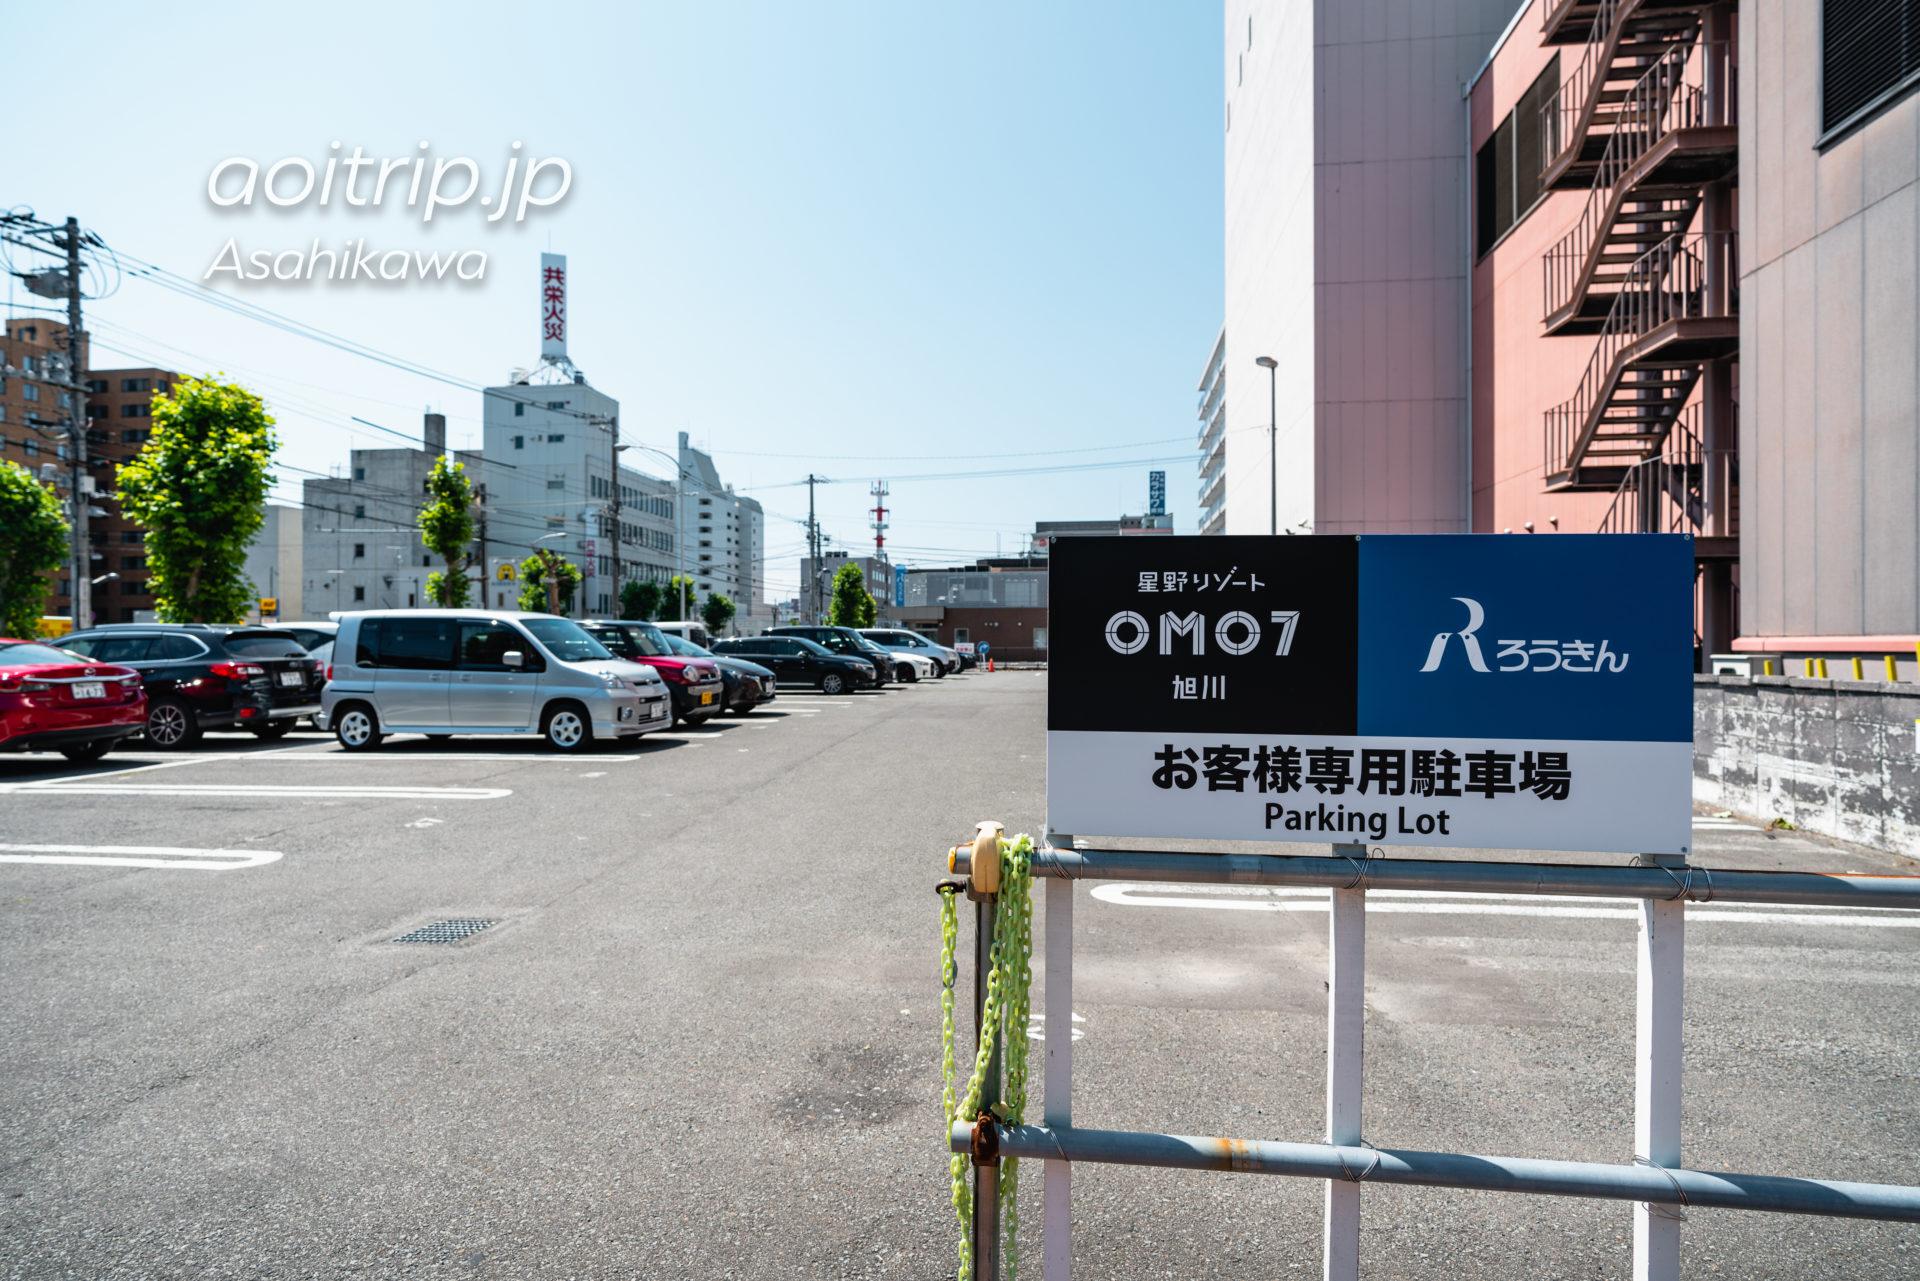 星野リゾートOMO7旭川 駐車場